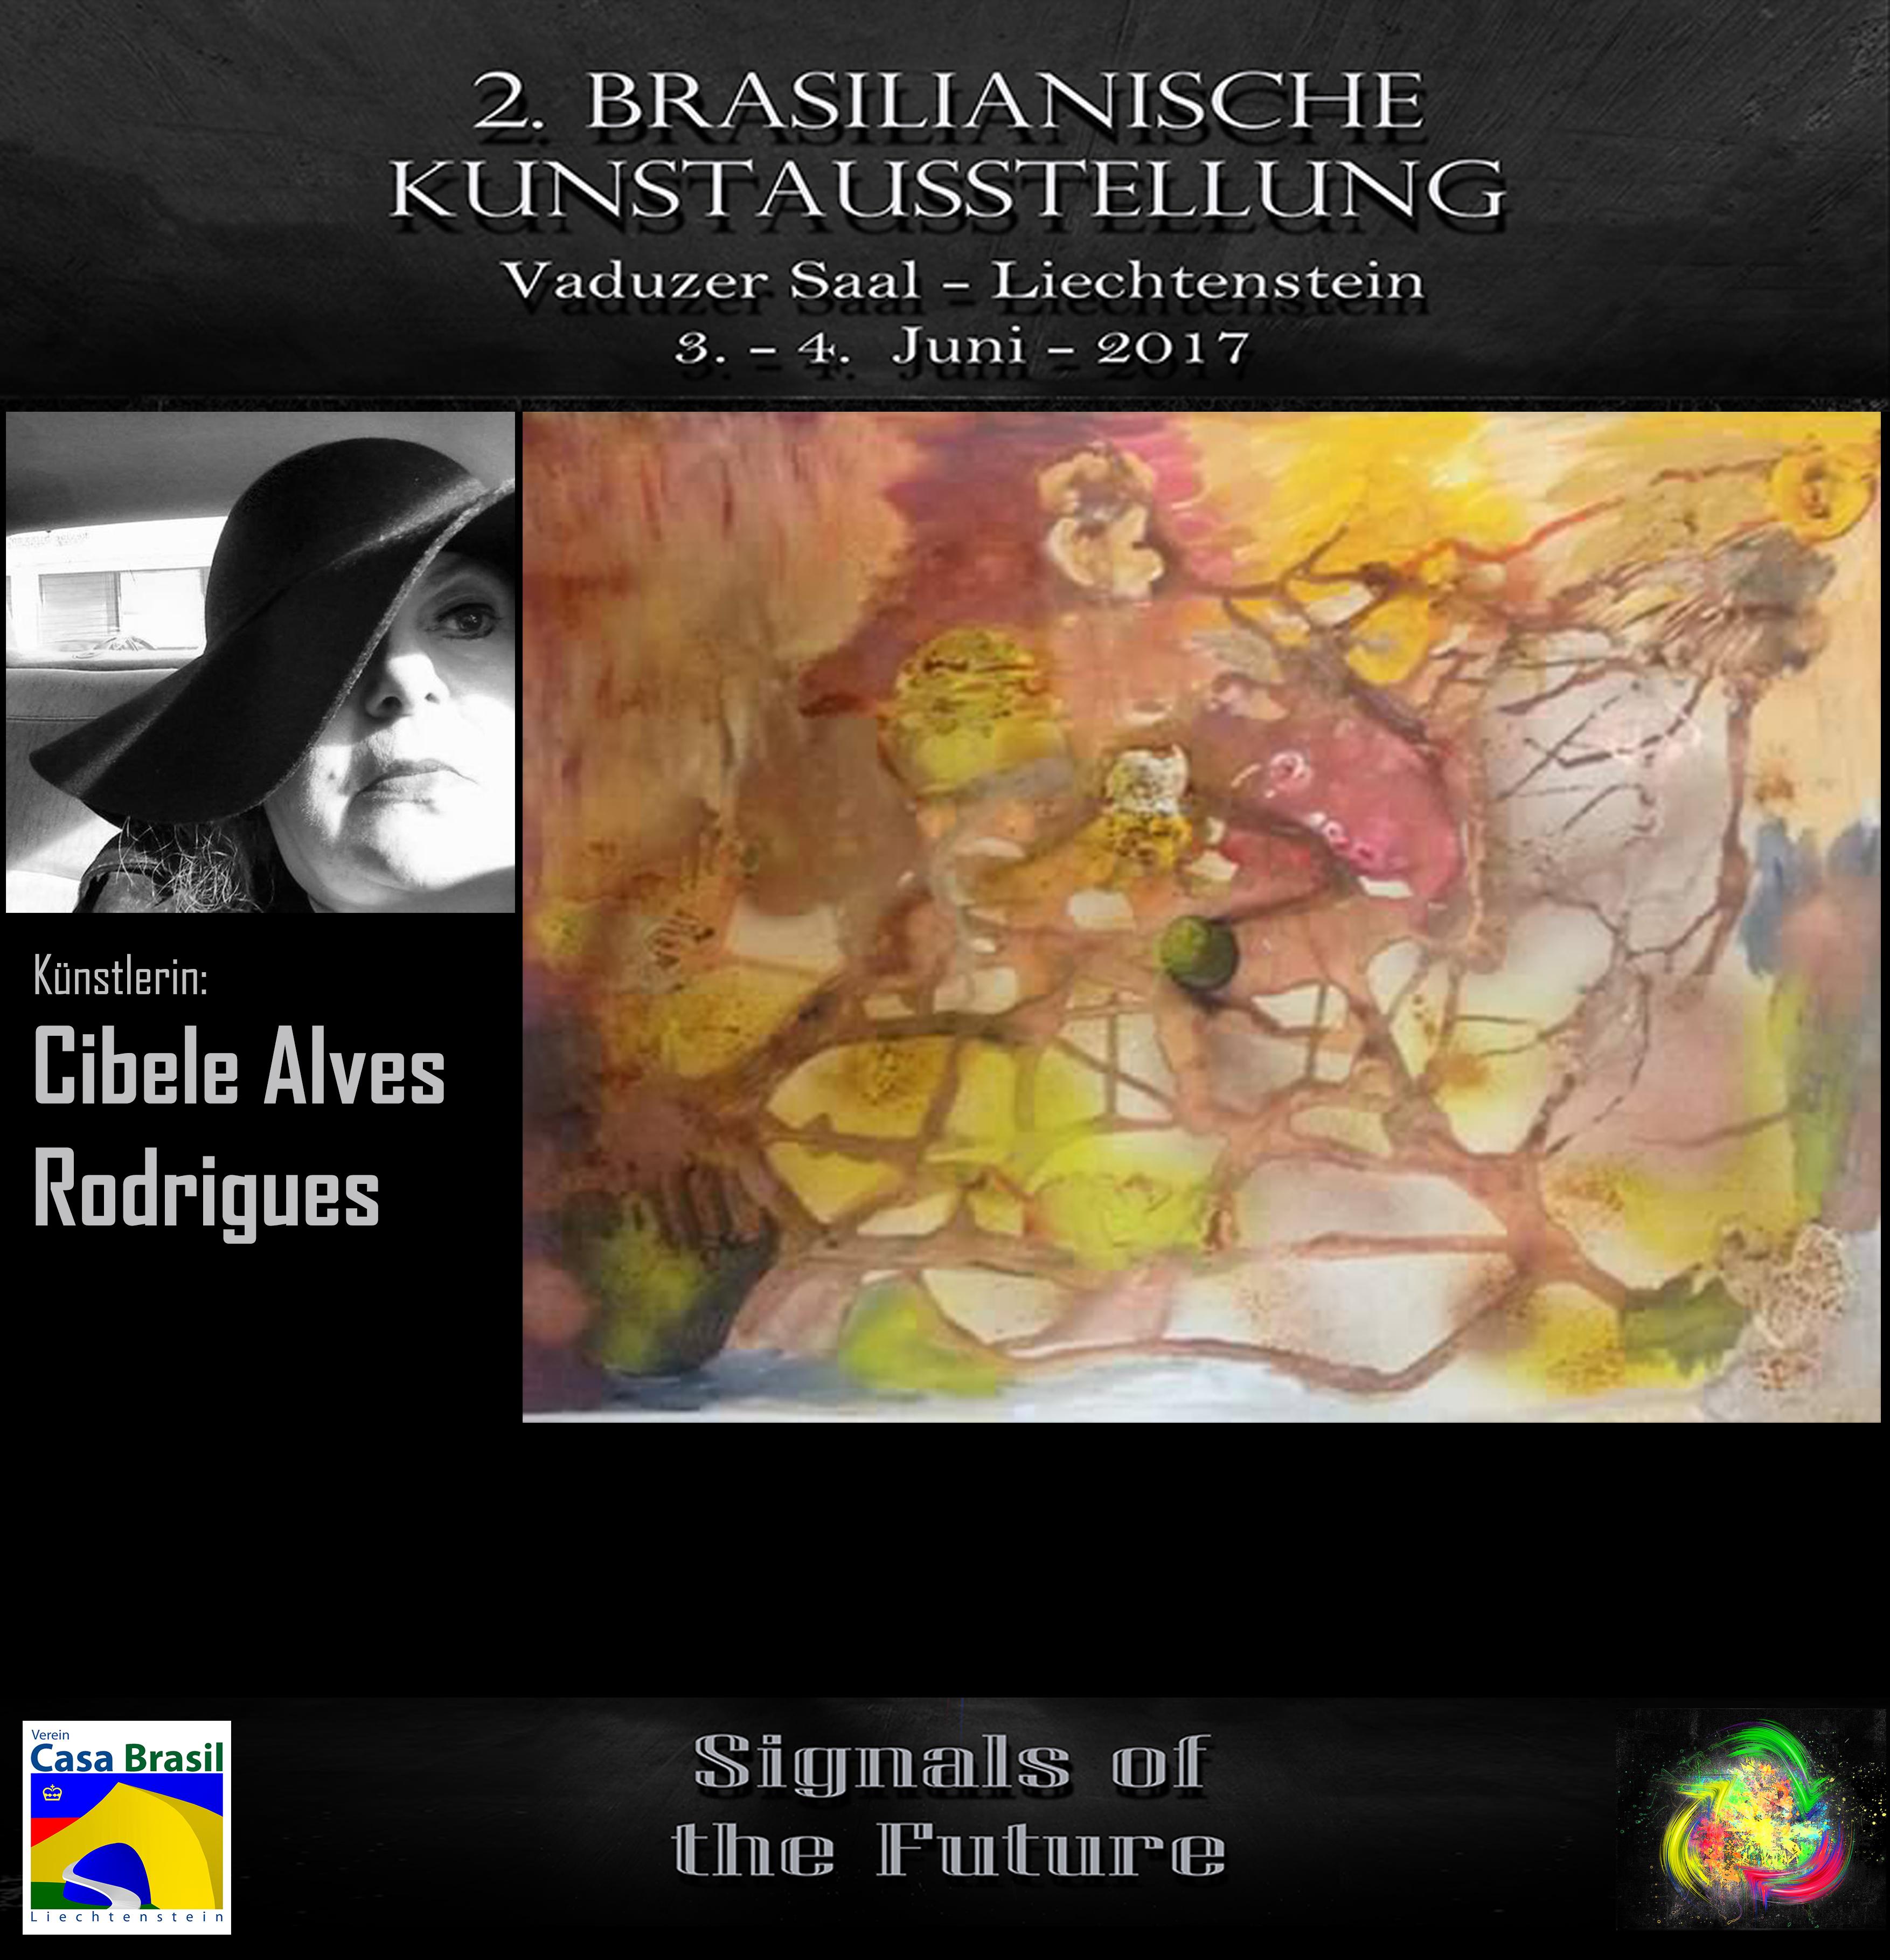 Cibele Alves Rodrigues